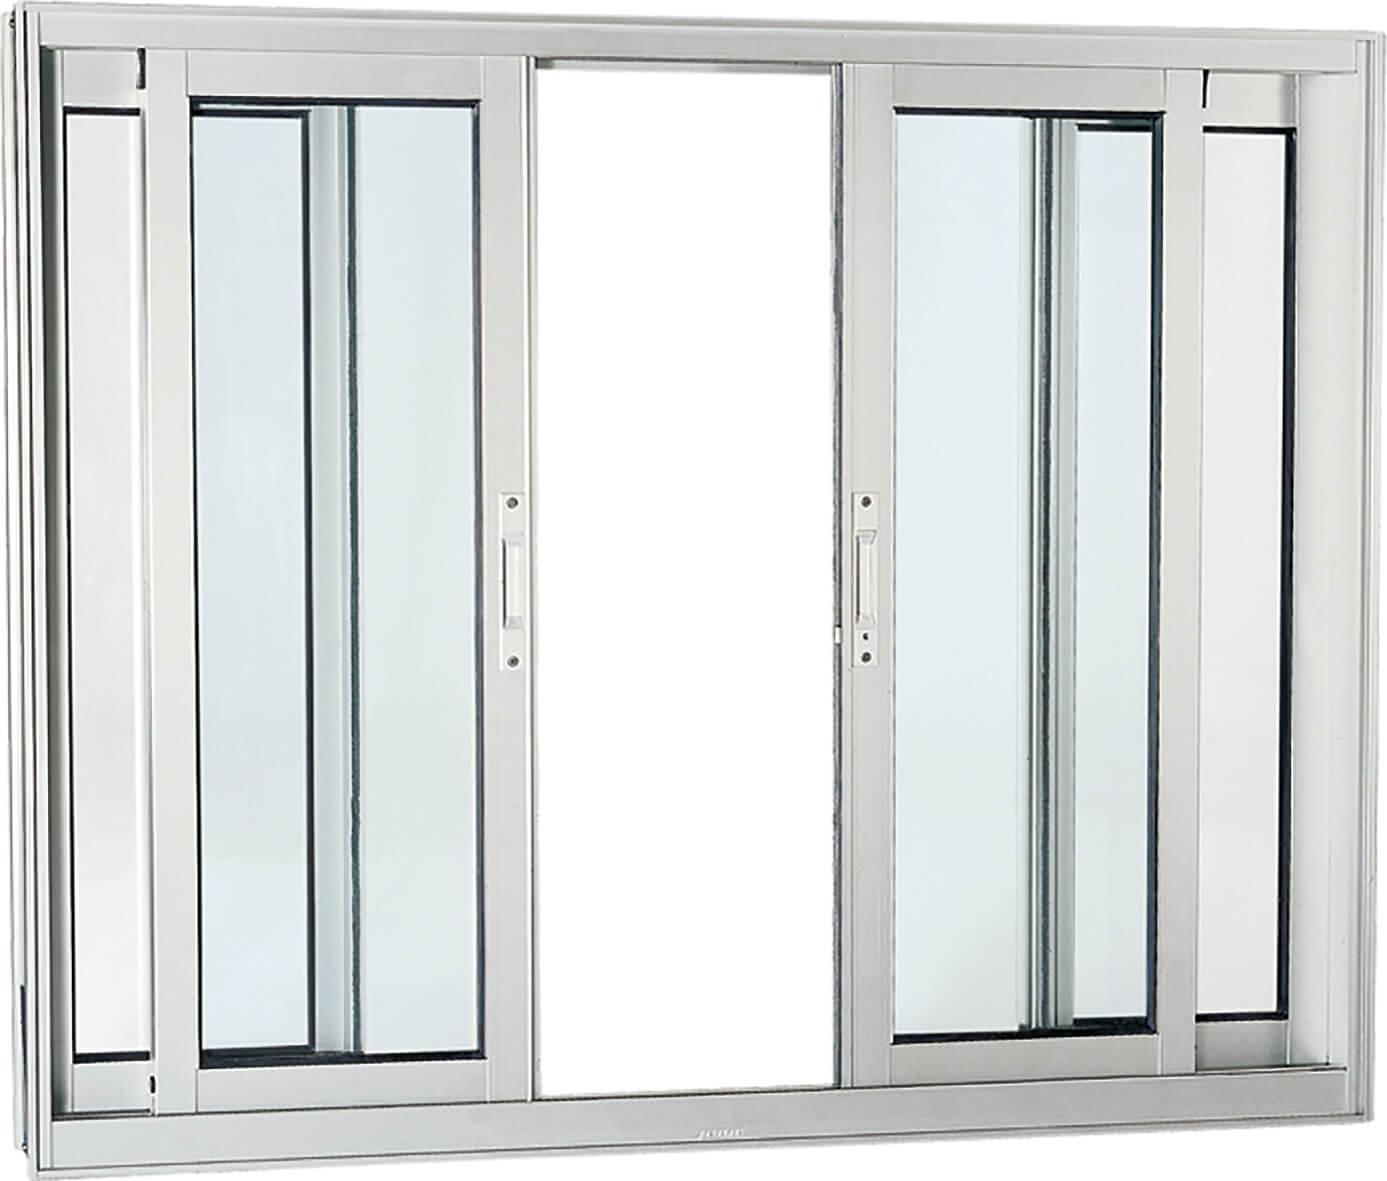 Aluminium Janela de Correr - 1.00x2.00x0.09 Ref. 70.61.608-4 Sasazaki